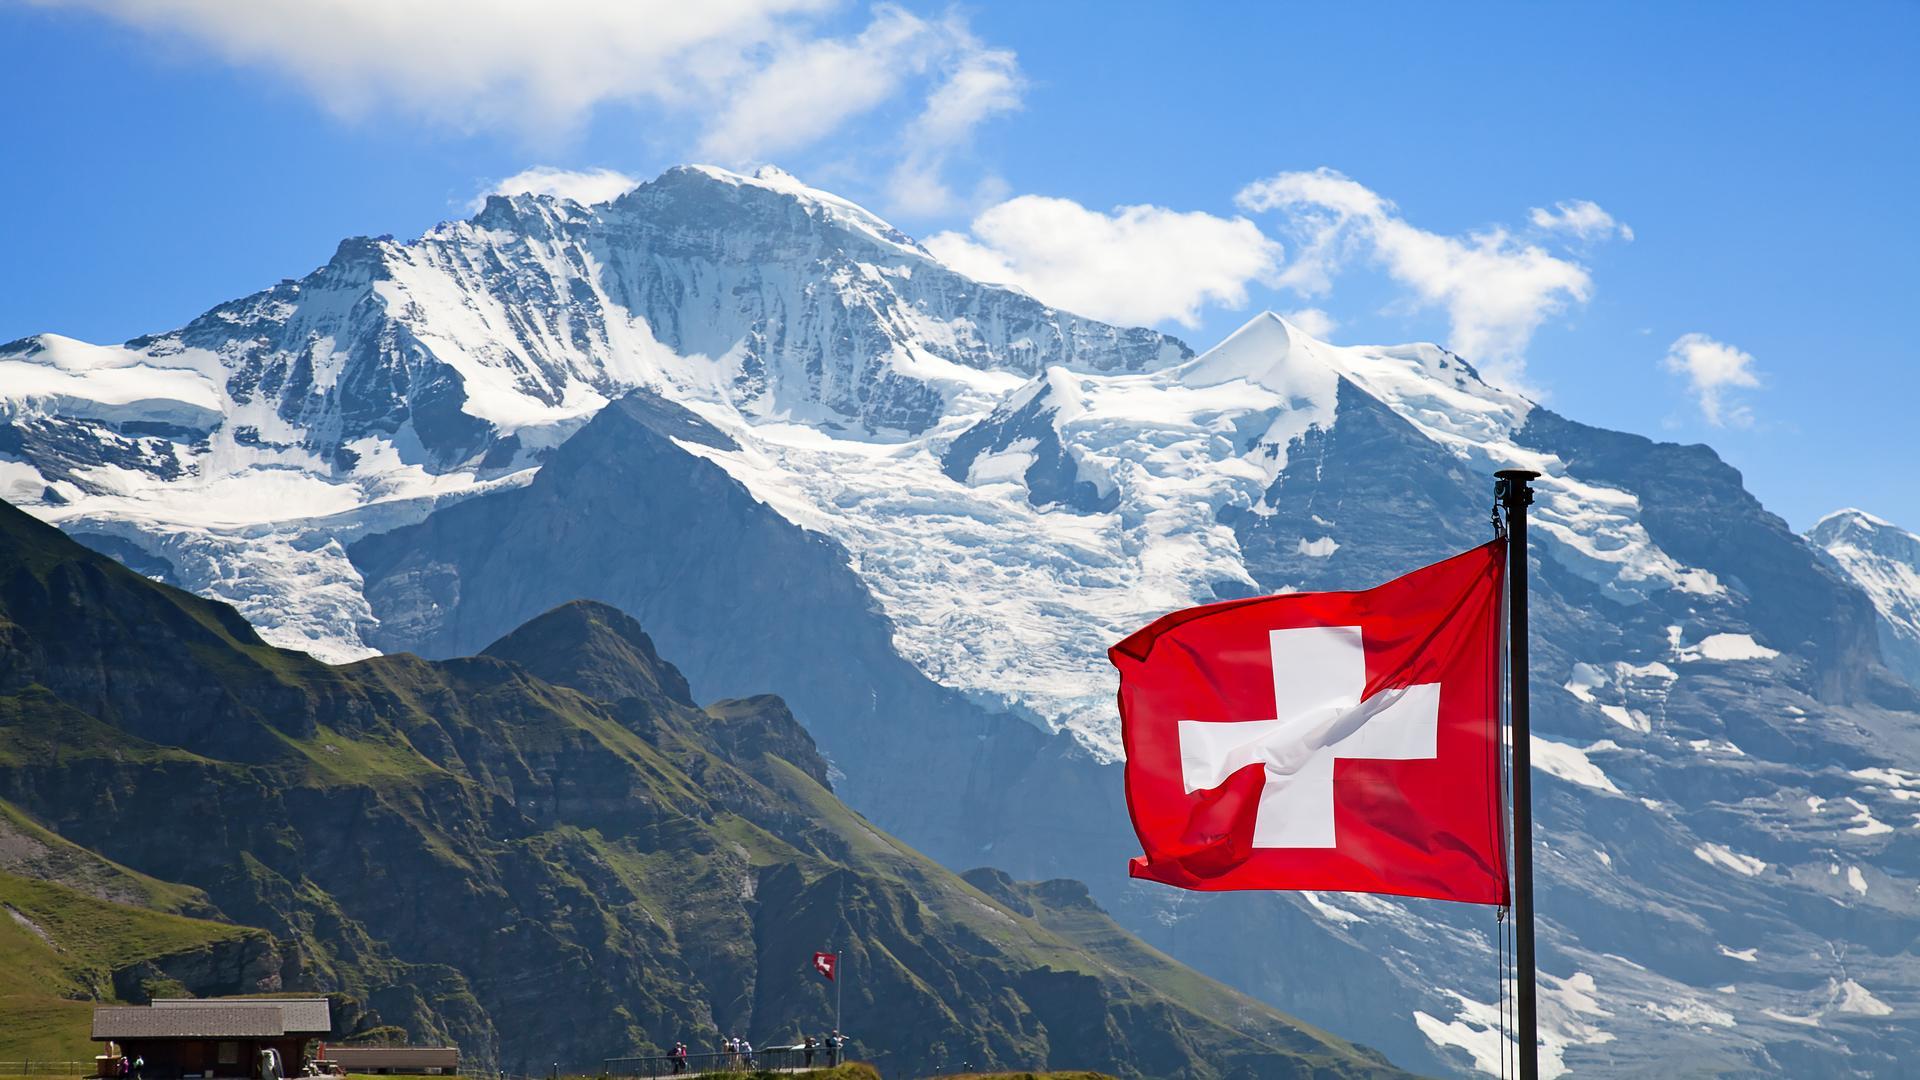 Імена, які назавжди залишилися в історії Швейцарії